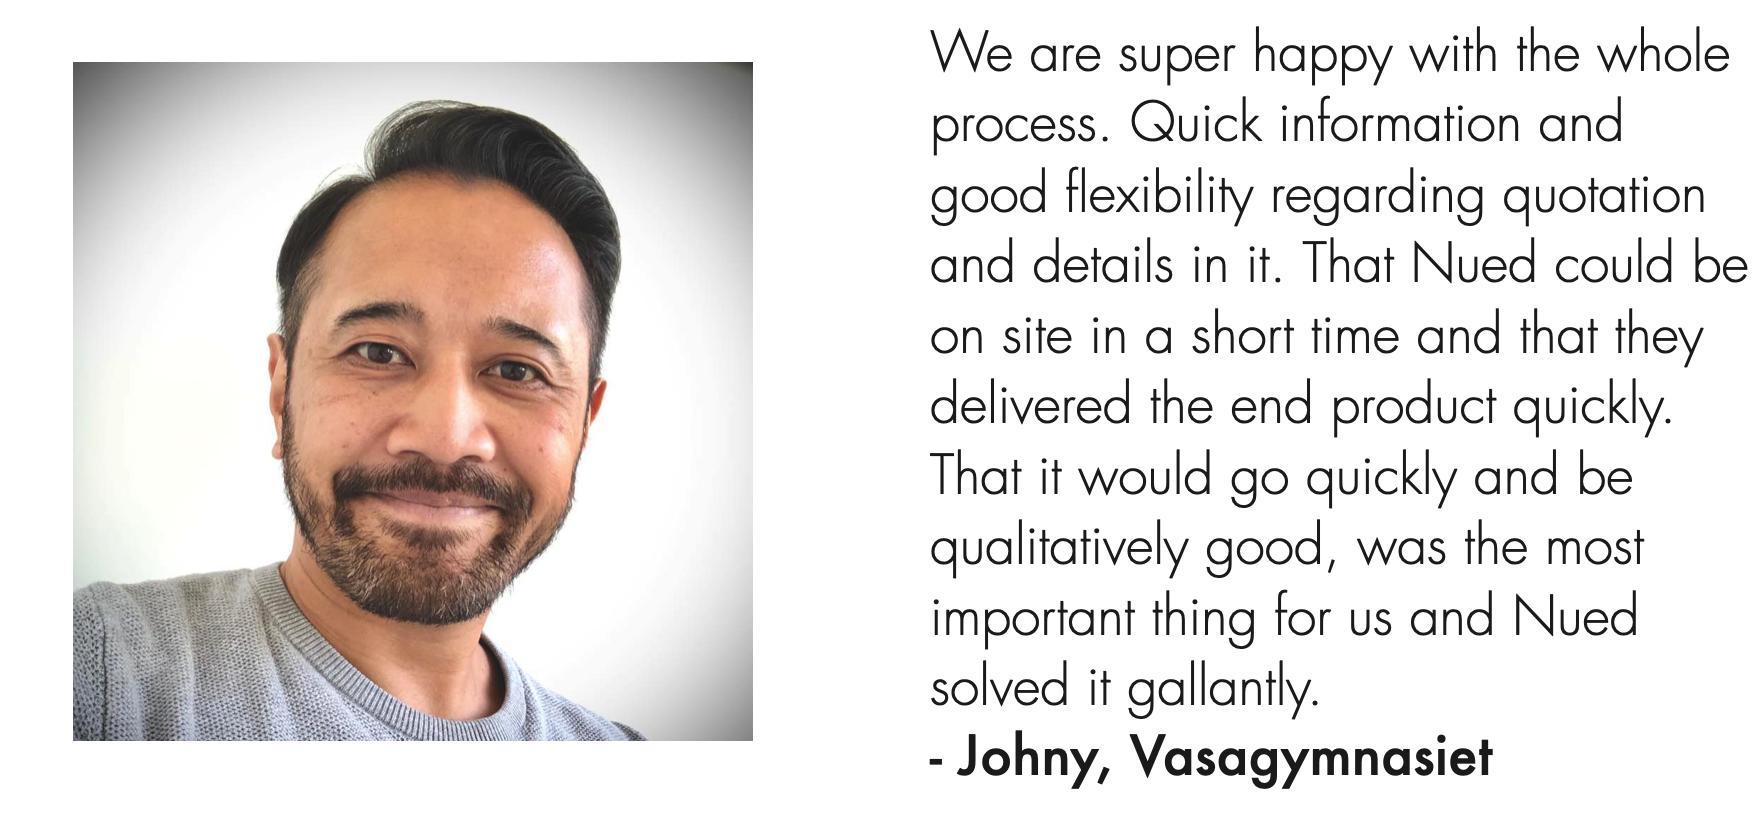 Johny, Vasagymnasiet client quote.